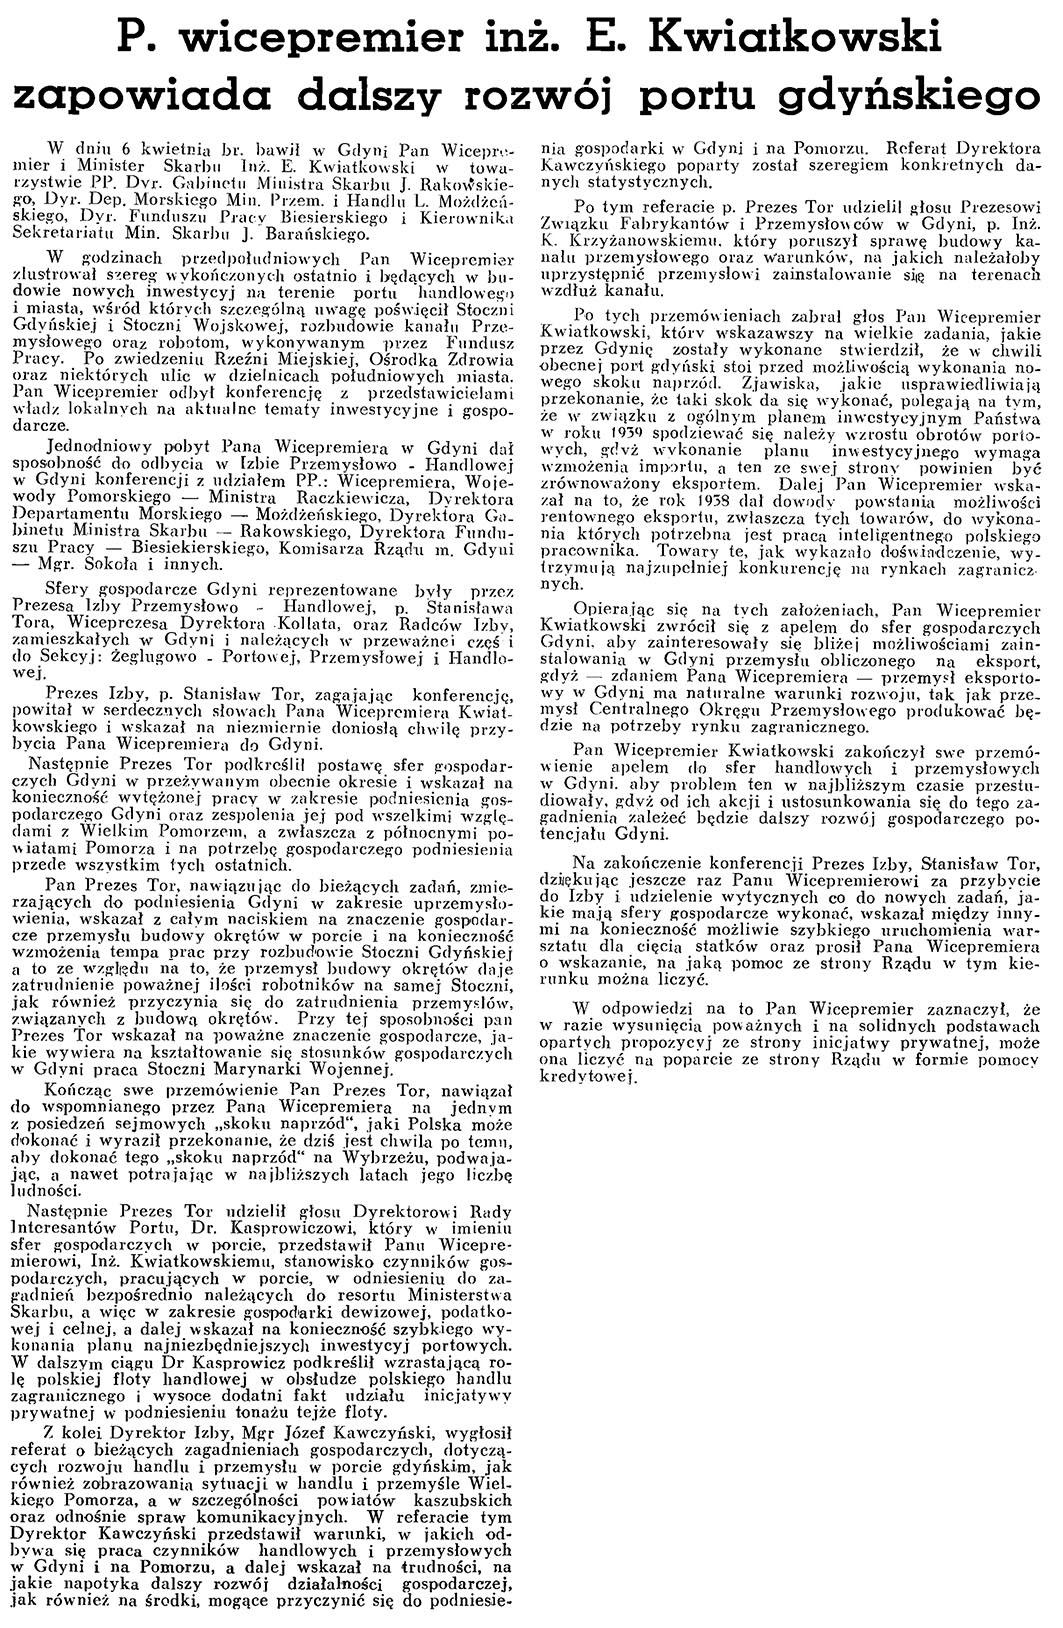 P. wicepremier inż. E. Kwiatkowski zapowiada dalszy rozwój portu gdyńskiego // Wiadomości Portowe.- 1939, nr 4, s. 9